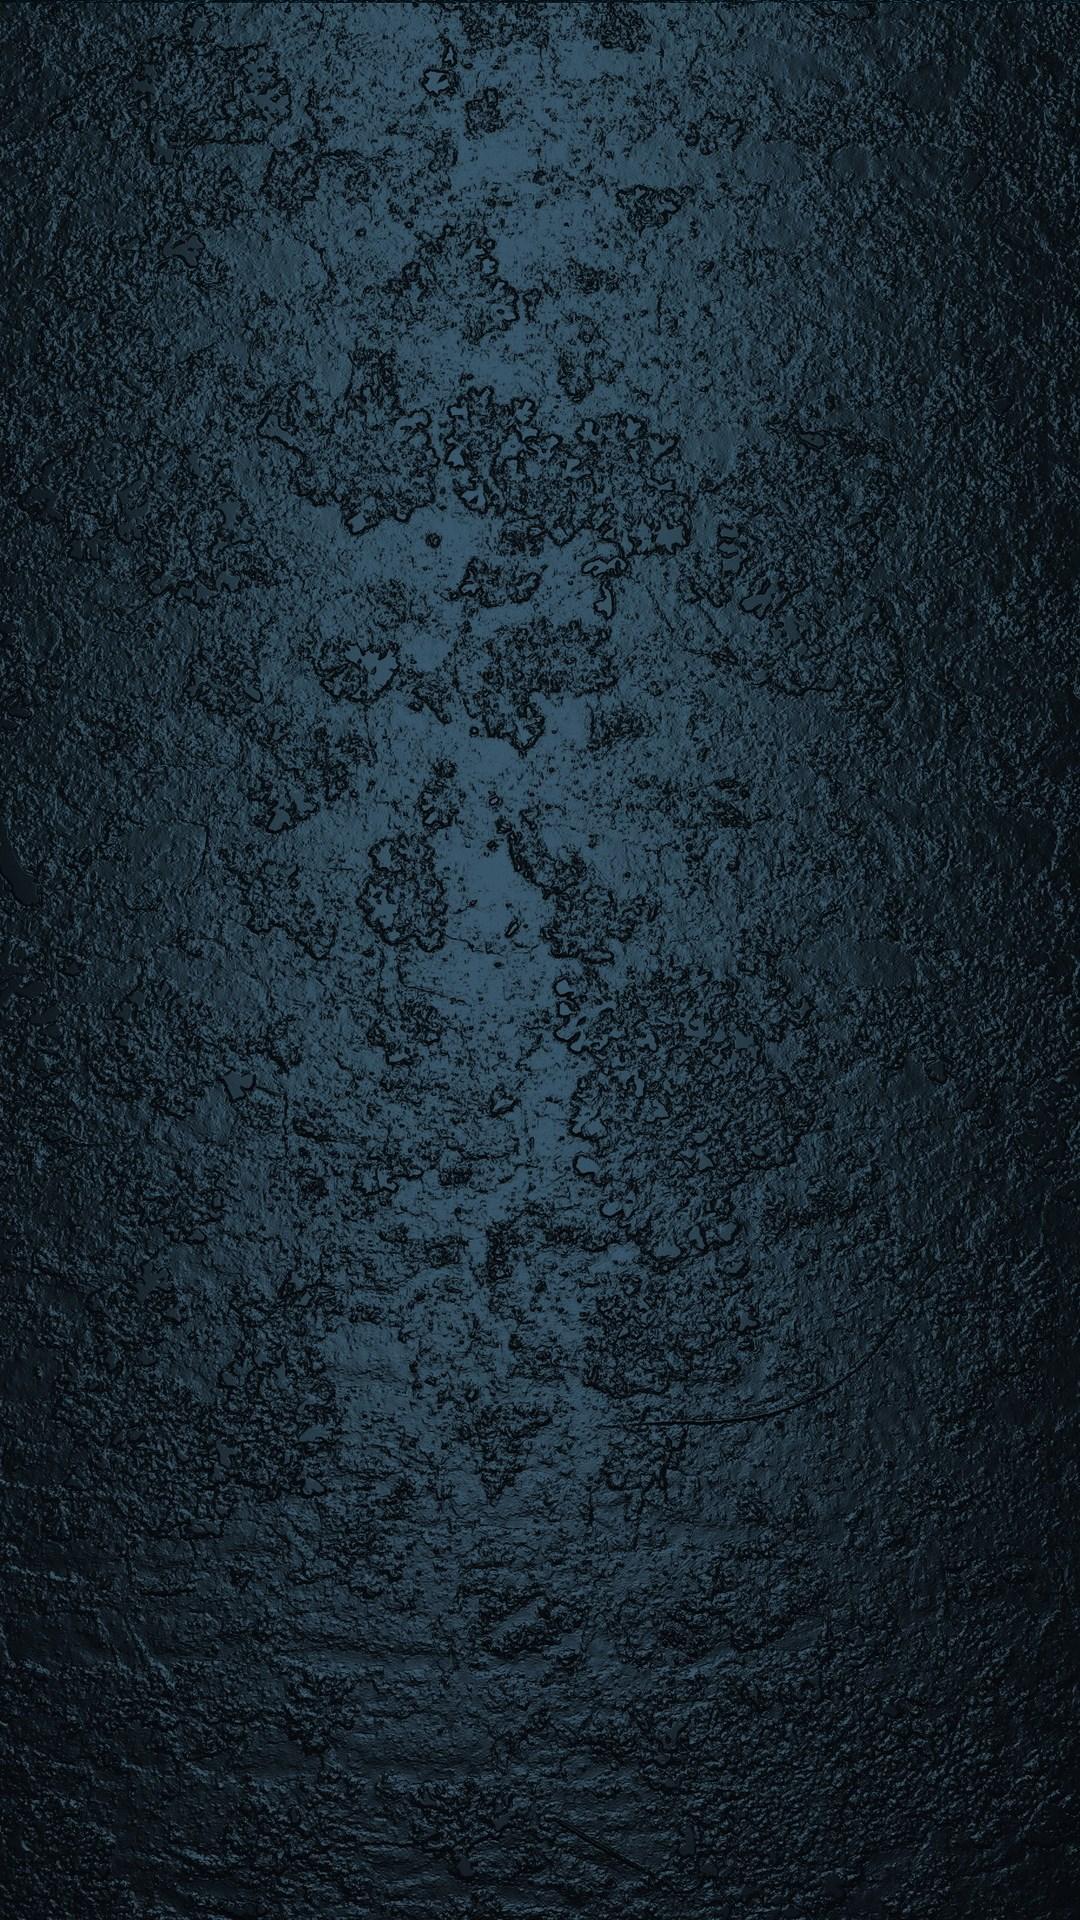 1920 x 1080 wallpaper jdm - photo #49